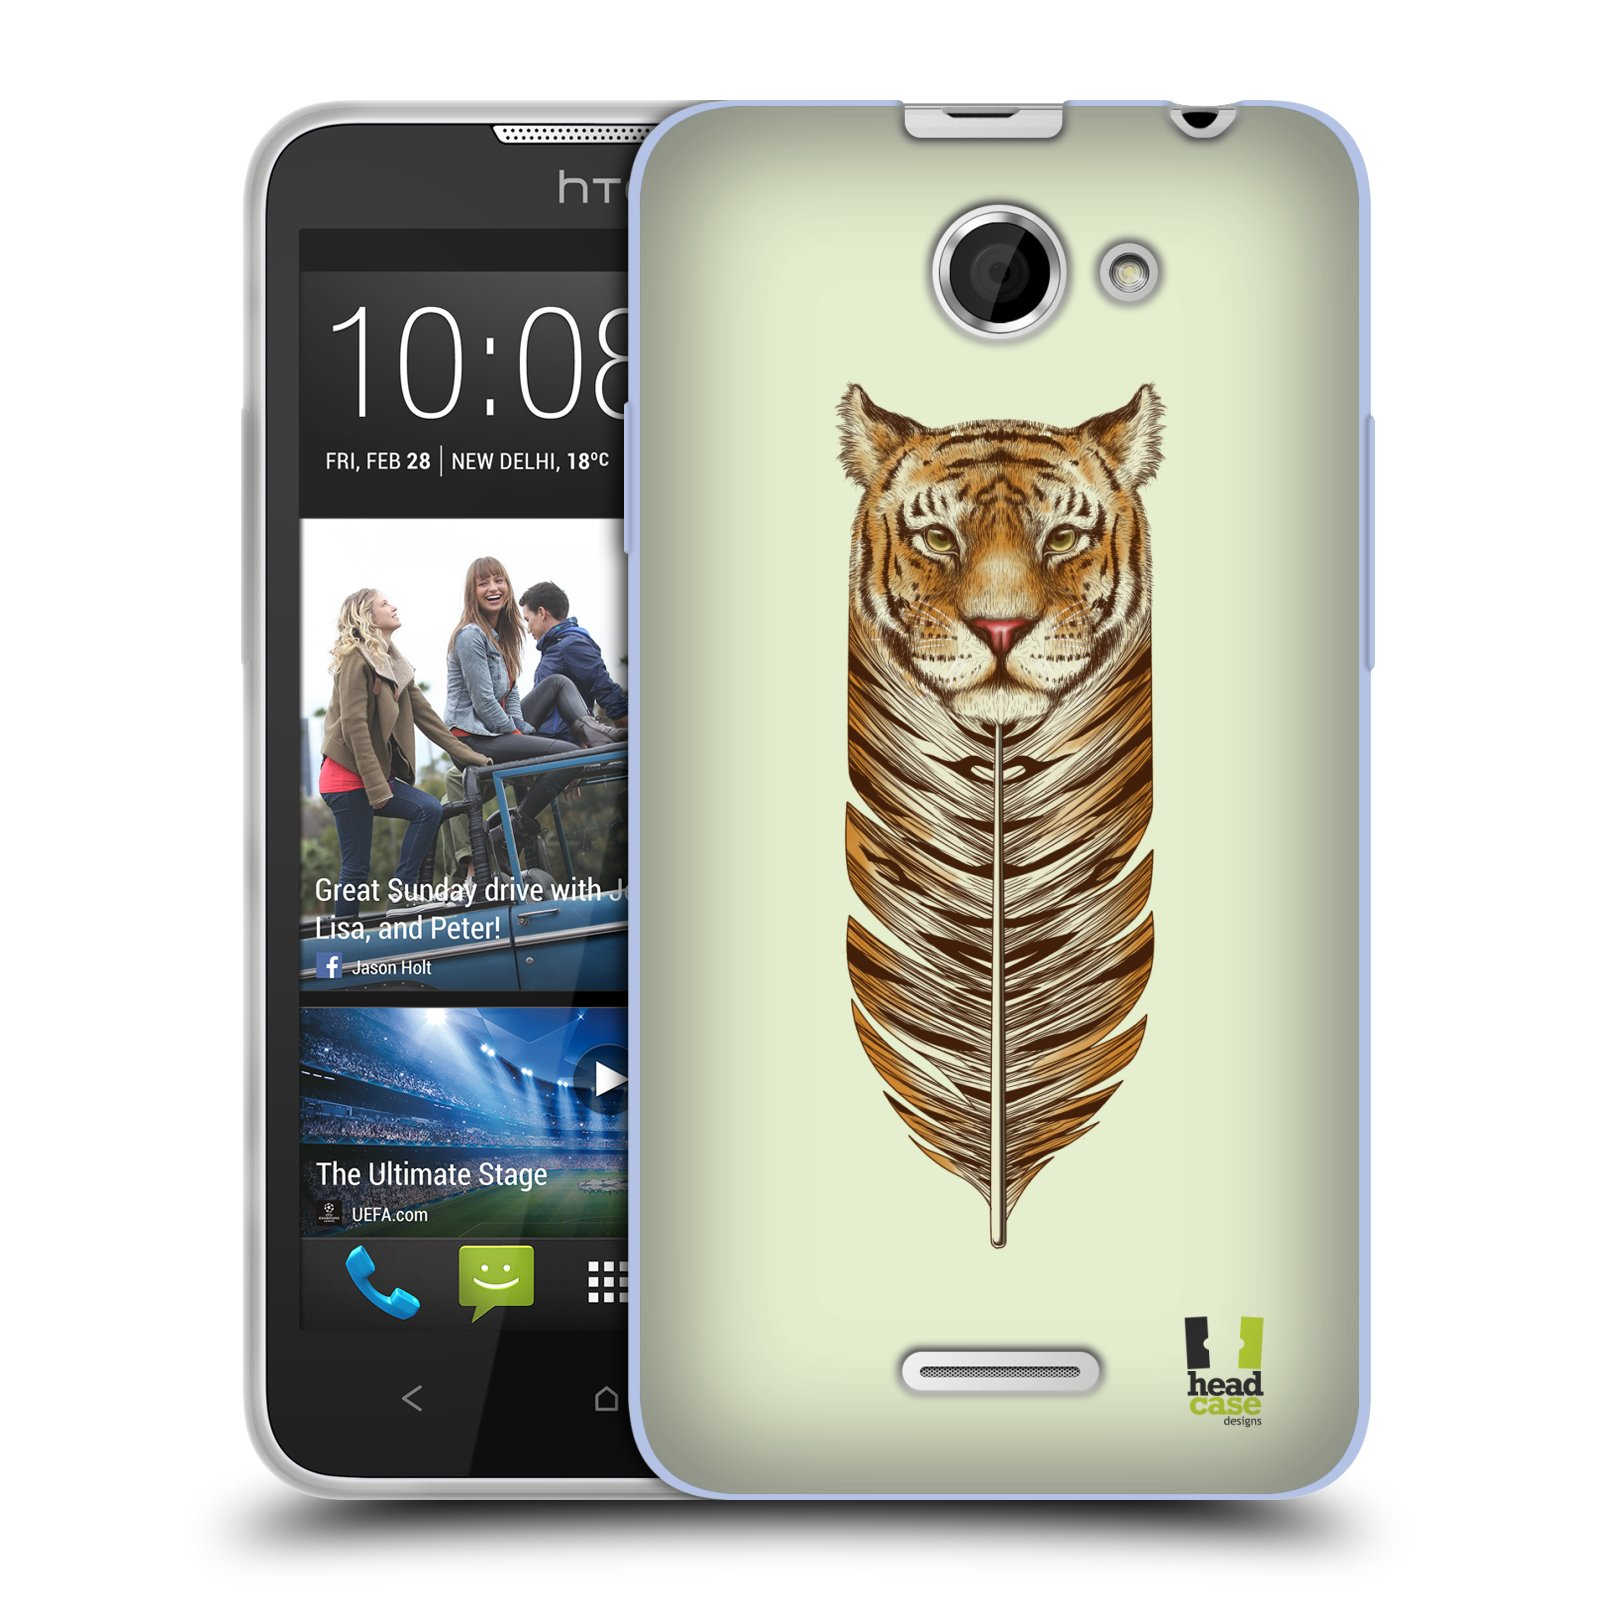 Silikonové pouzdro na mobil HTC Desire 516 HEAD CASE PÍRKO TYGR (Silikonový kryt či obal na mobilní telefon HTC Desire 516 Dual SIM)